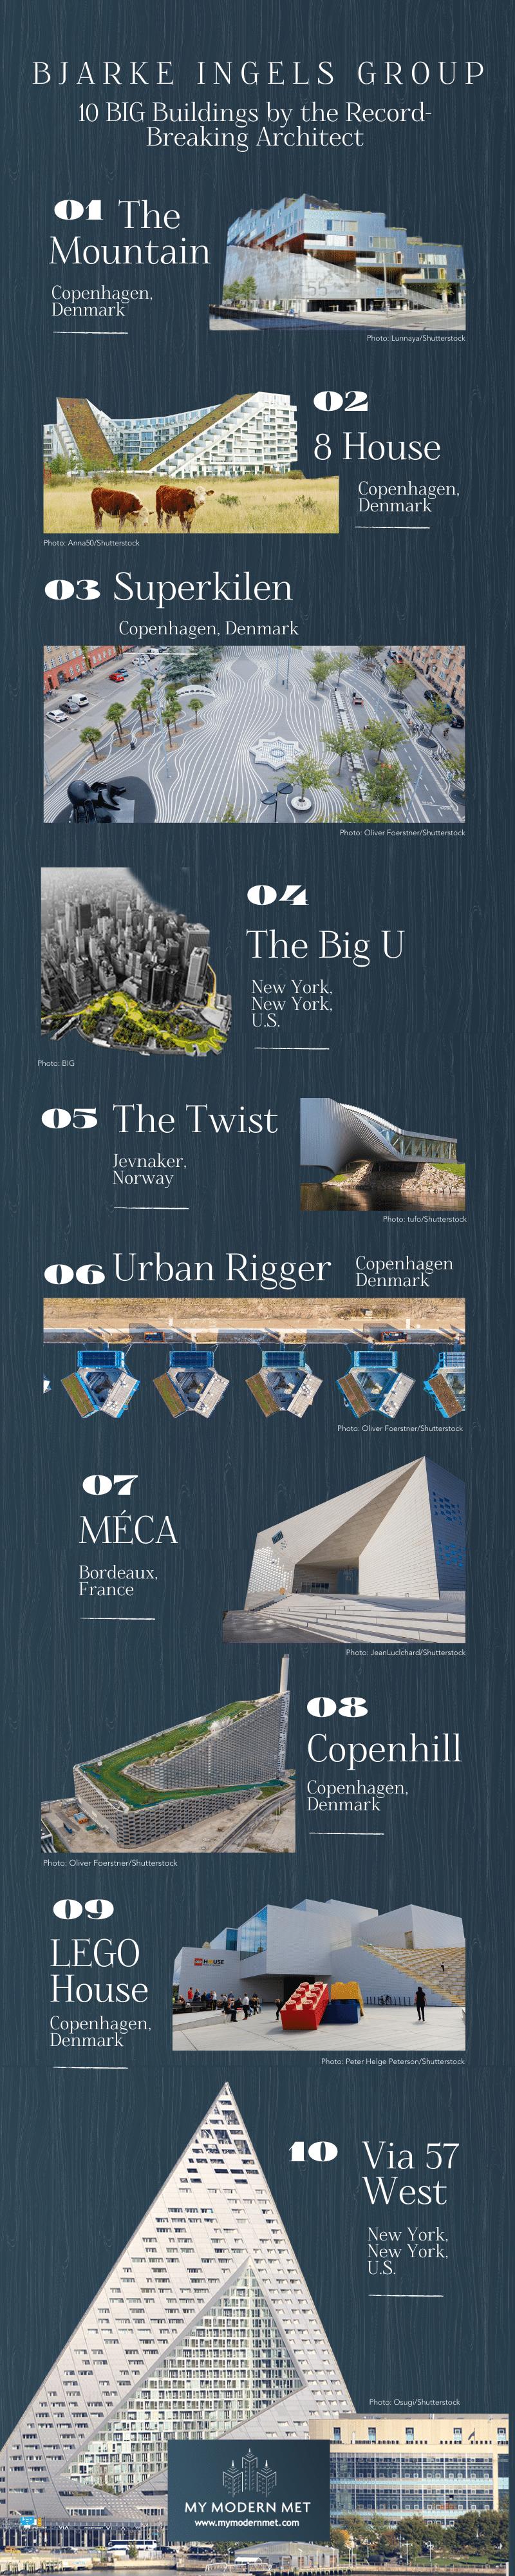 Bjarke Ingels Group Buildings Infographic